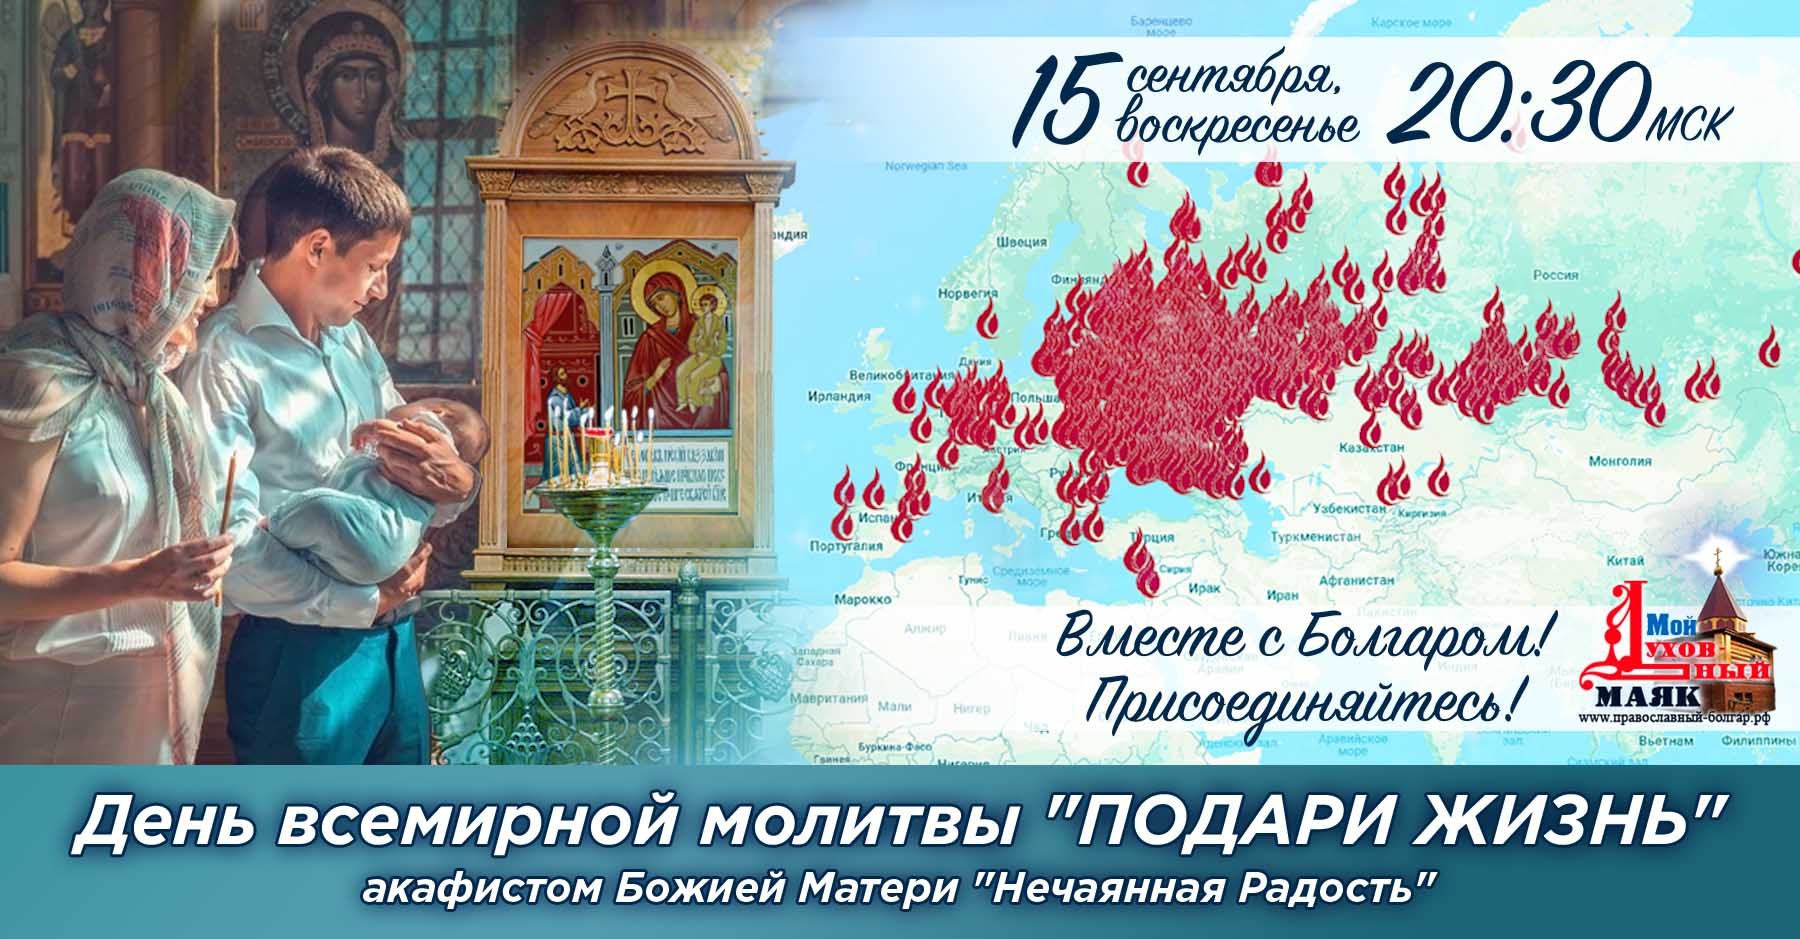 15 сентября 2019 года - День Всемирной соборной молитвы «Подари малышу жизнь»!